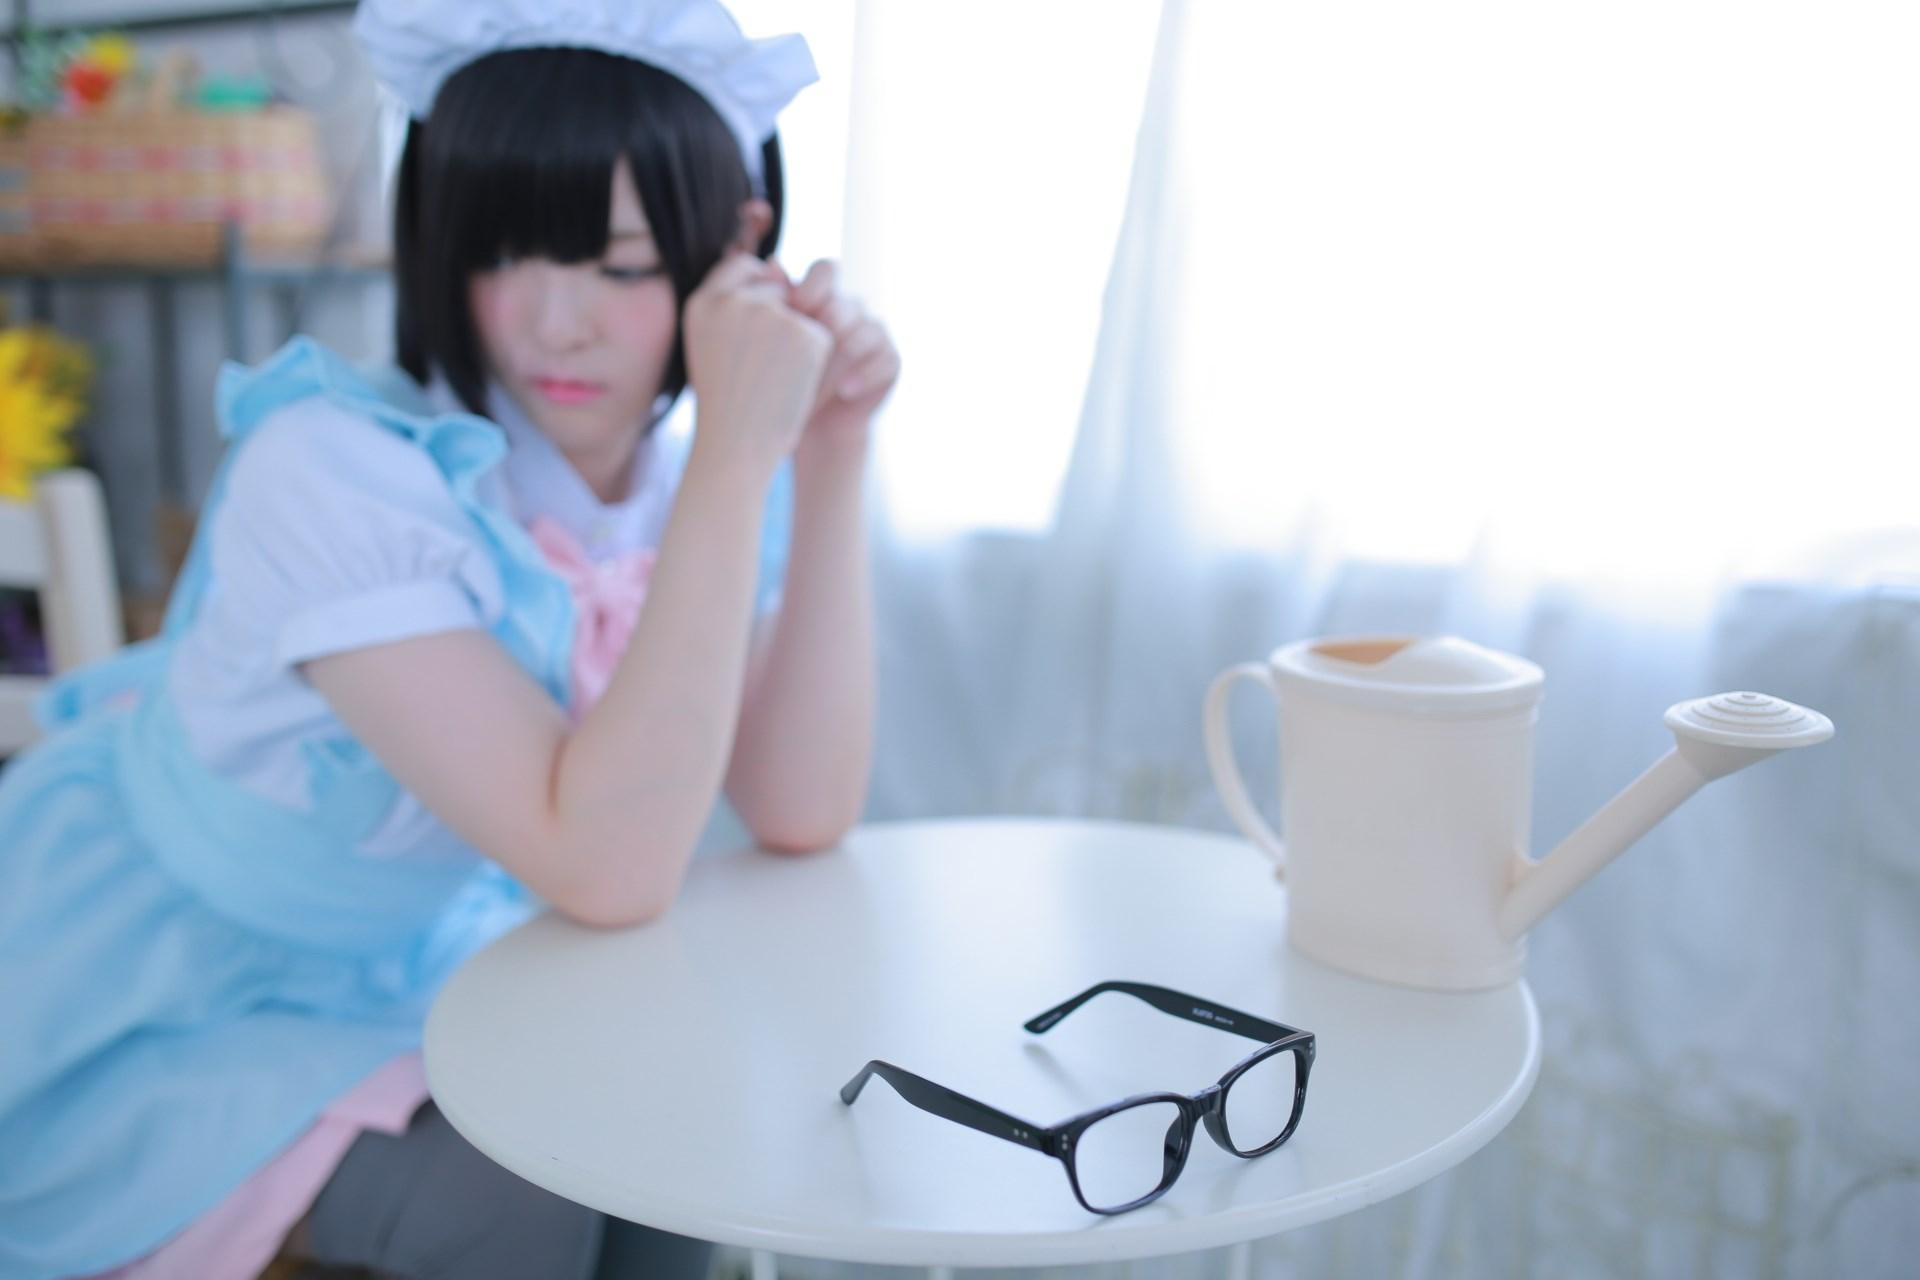 【兔玩映画】眼镜女仆 兔玩映画 第40张